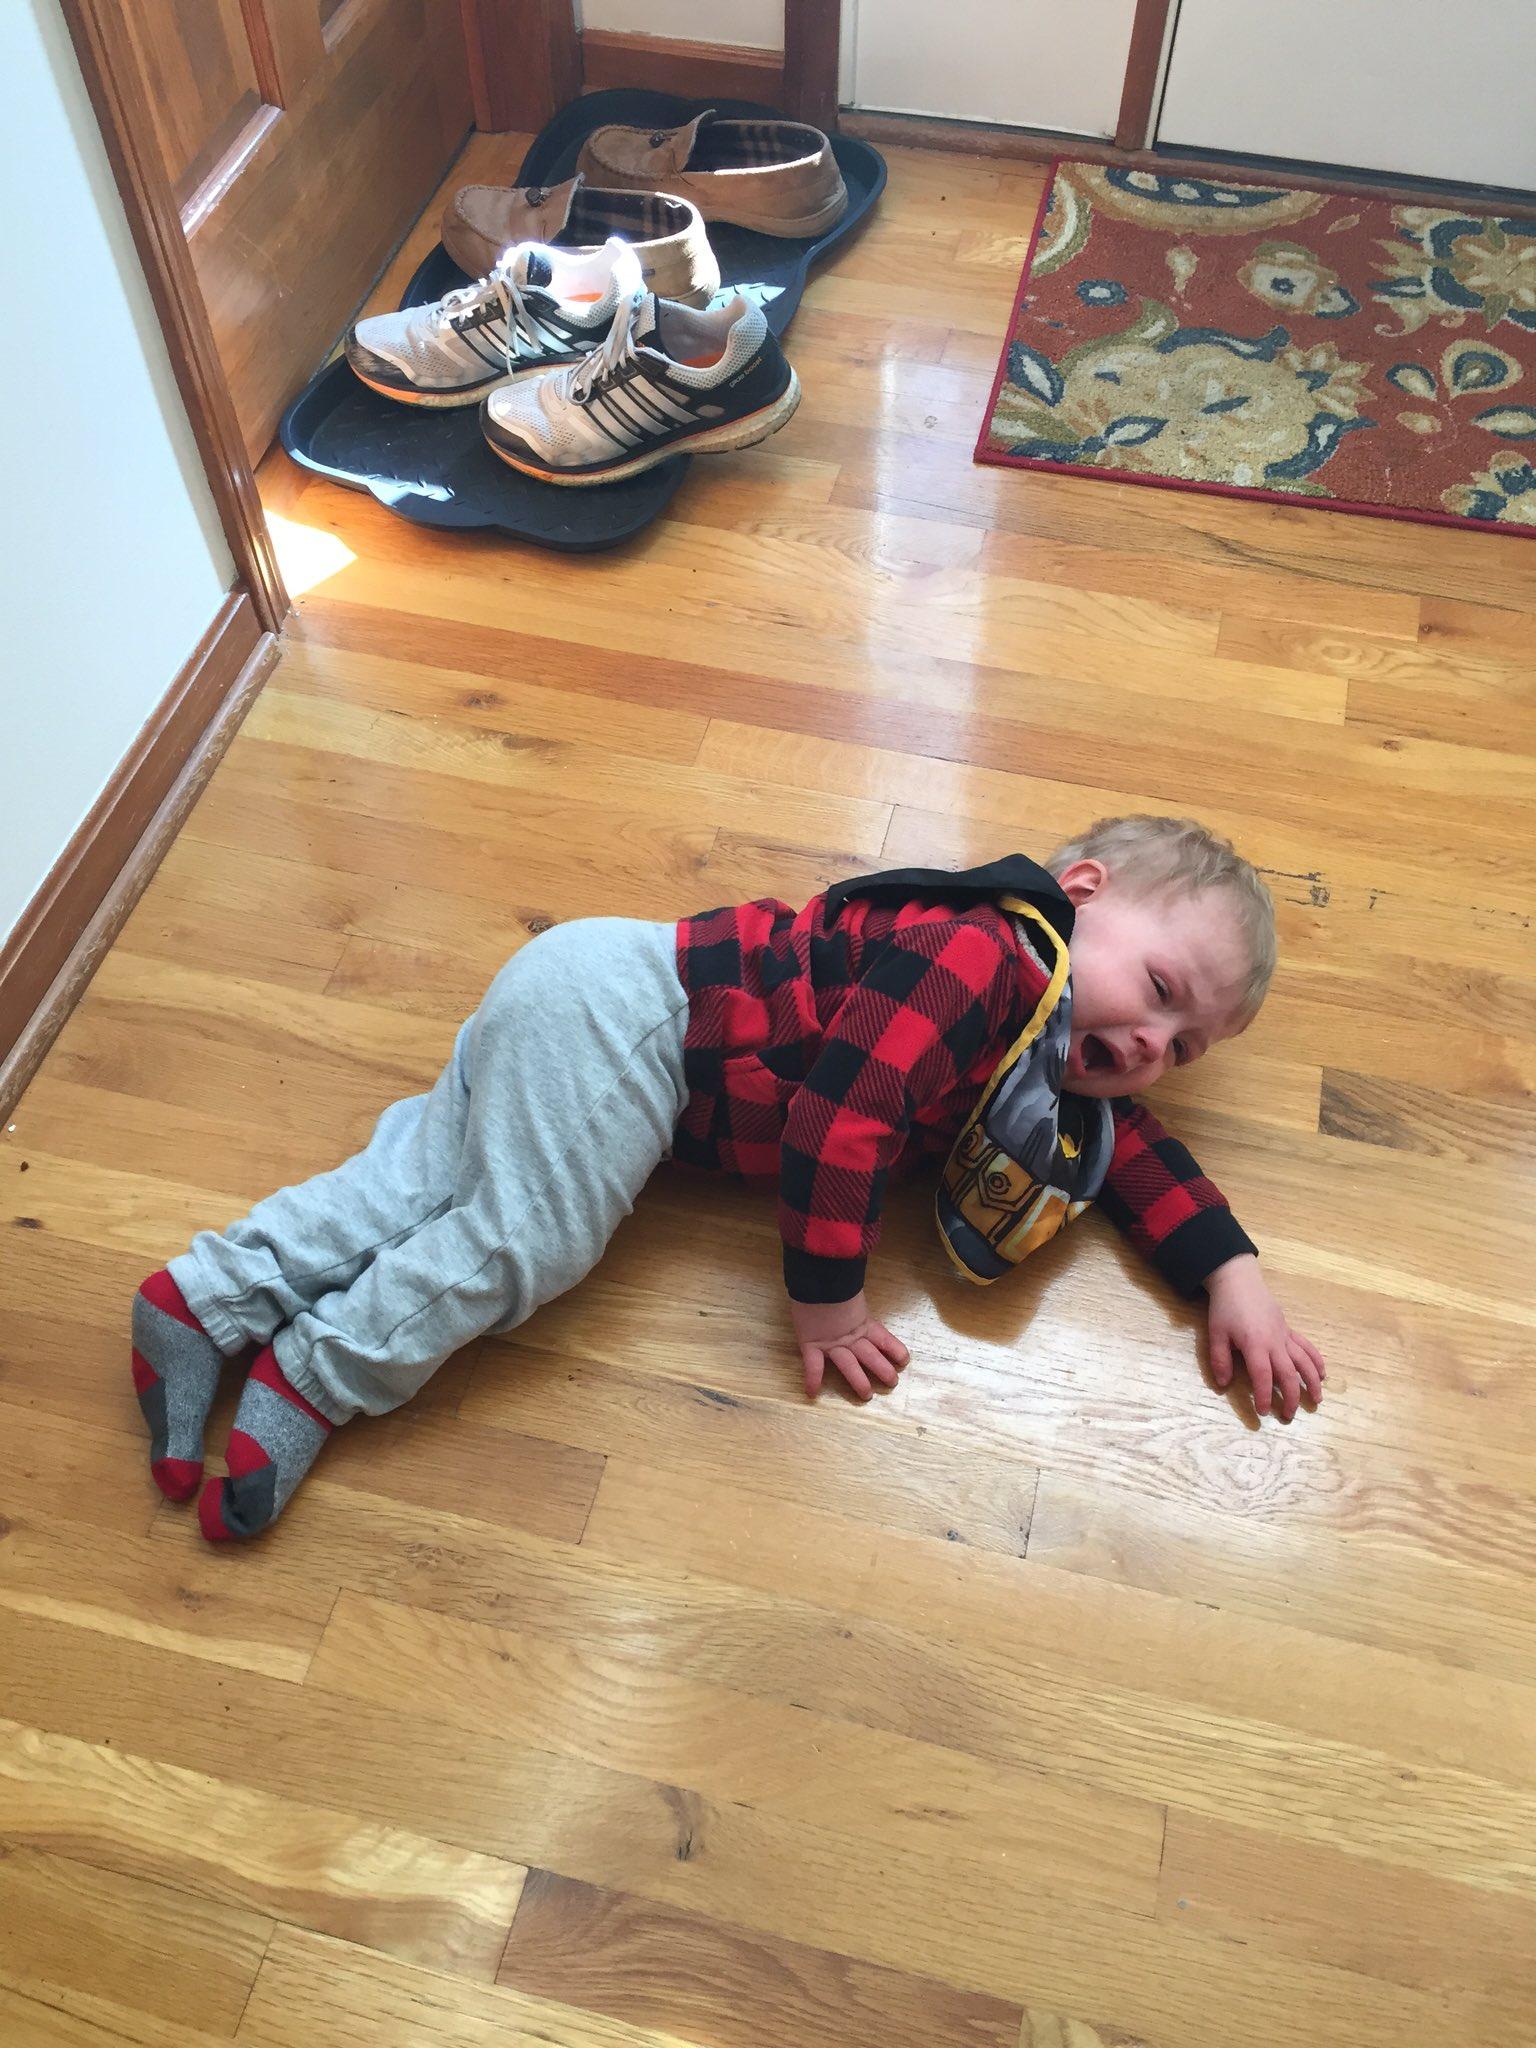 bebé llorando en el suelo